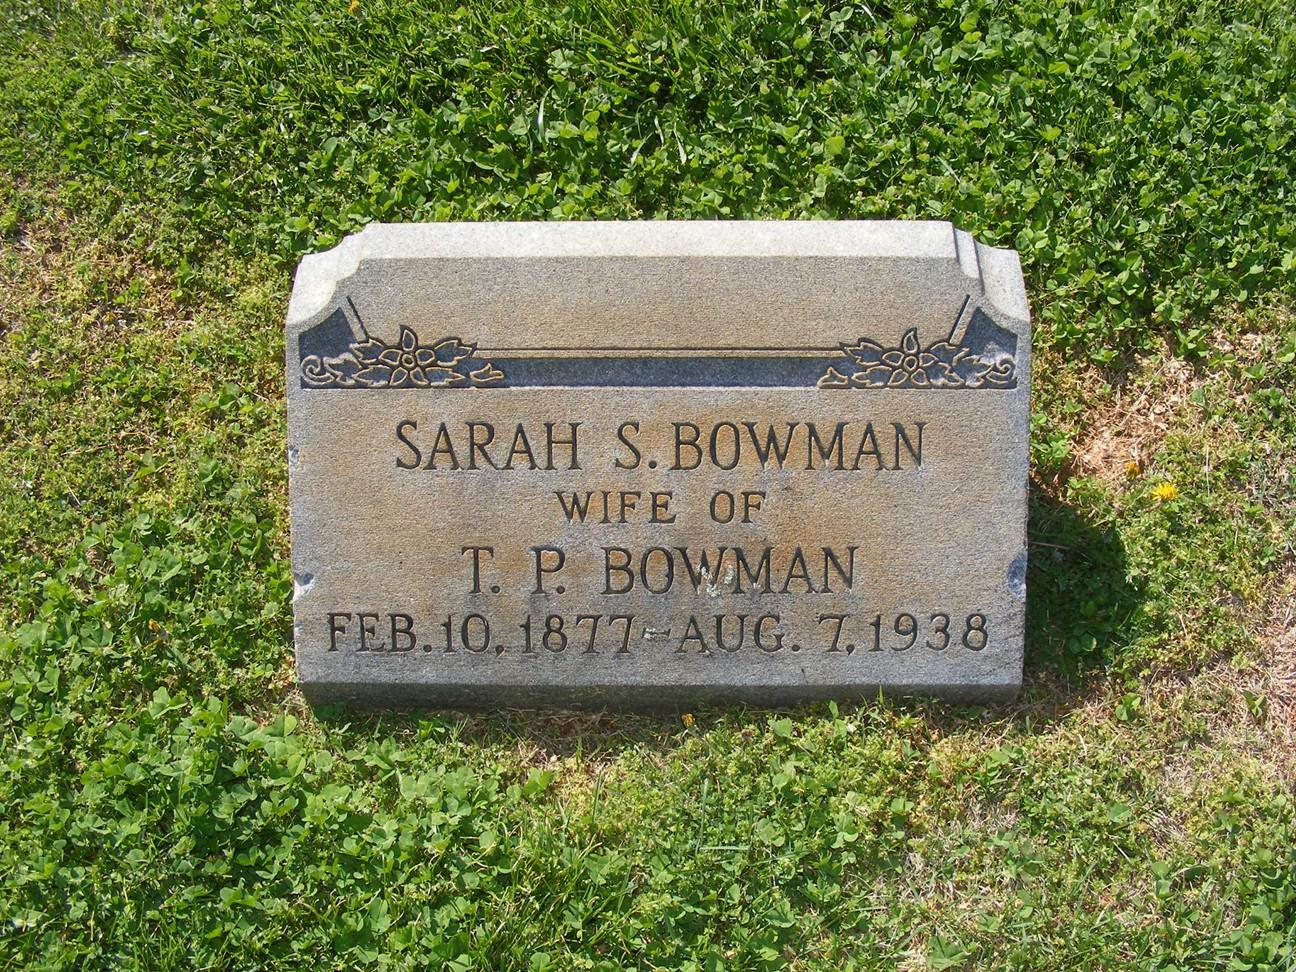 Sarah Susanah Bowman